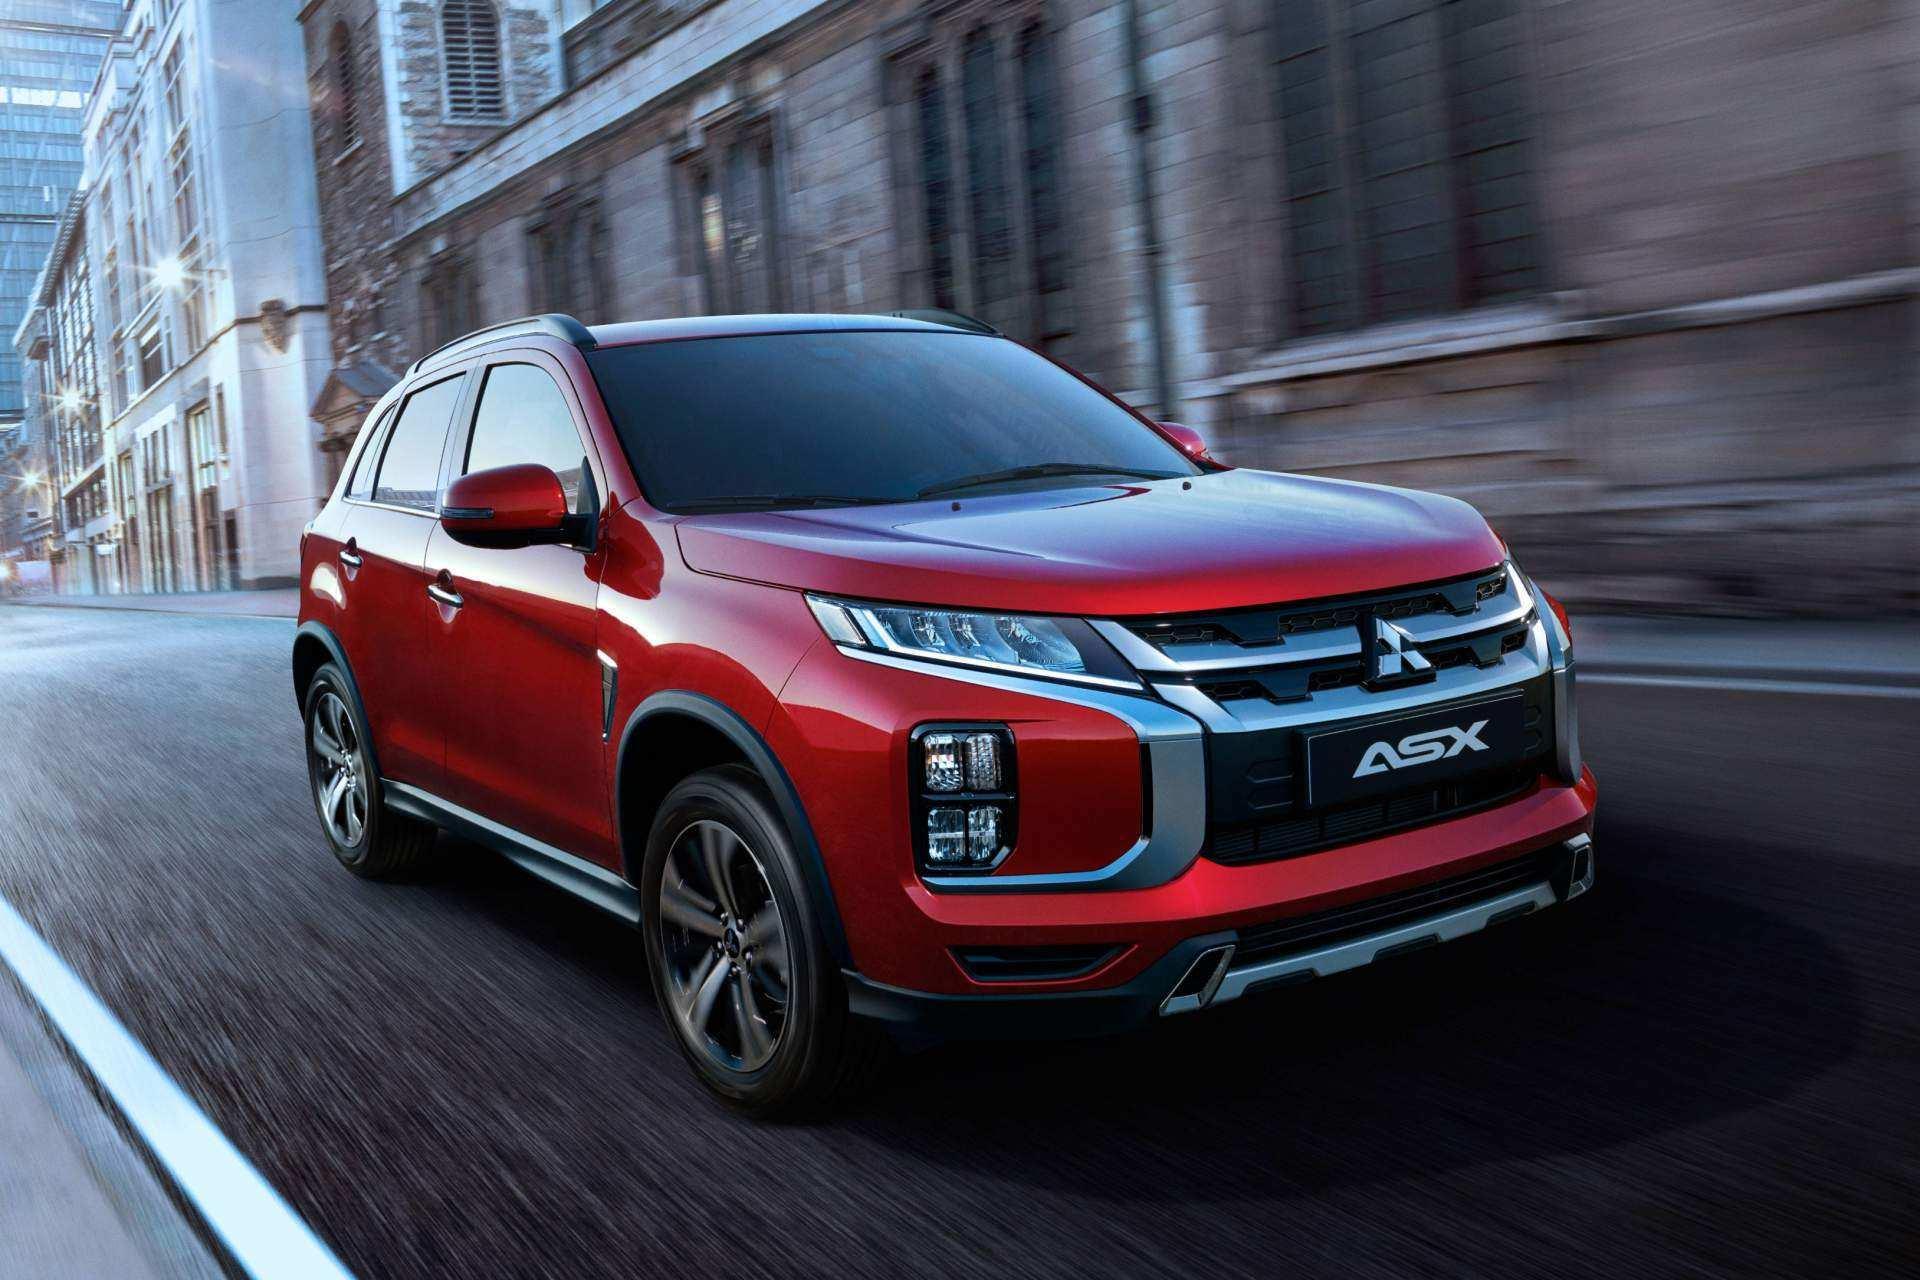 56 Concept of Mitsubishi Asx 2020 Dane Techniczne Interior with Mitsubishi Asx 2020 Dane Techniczne